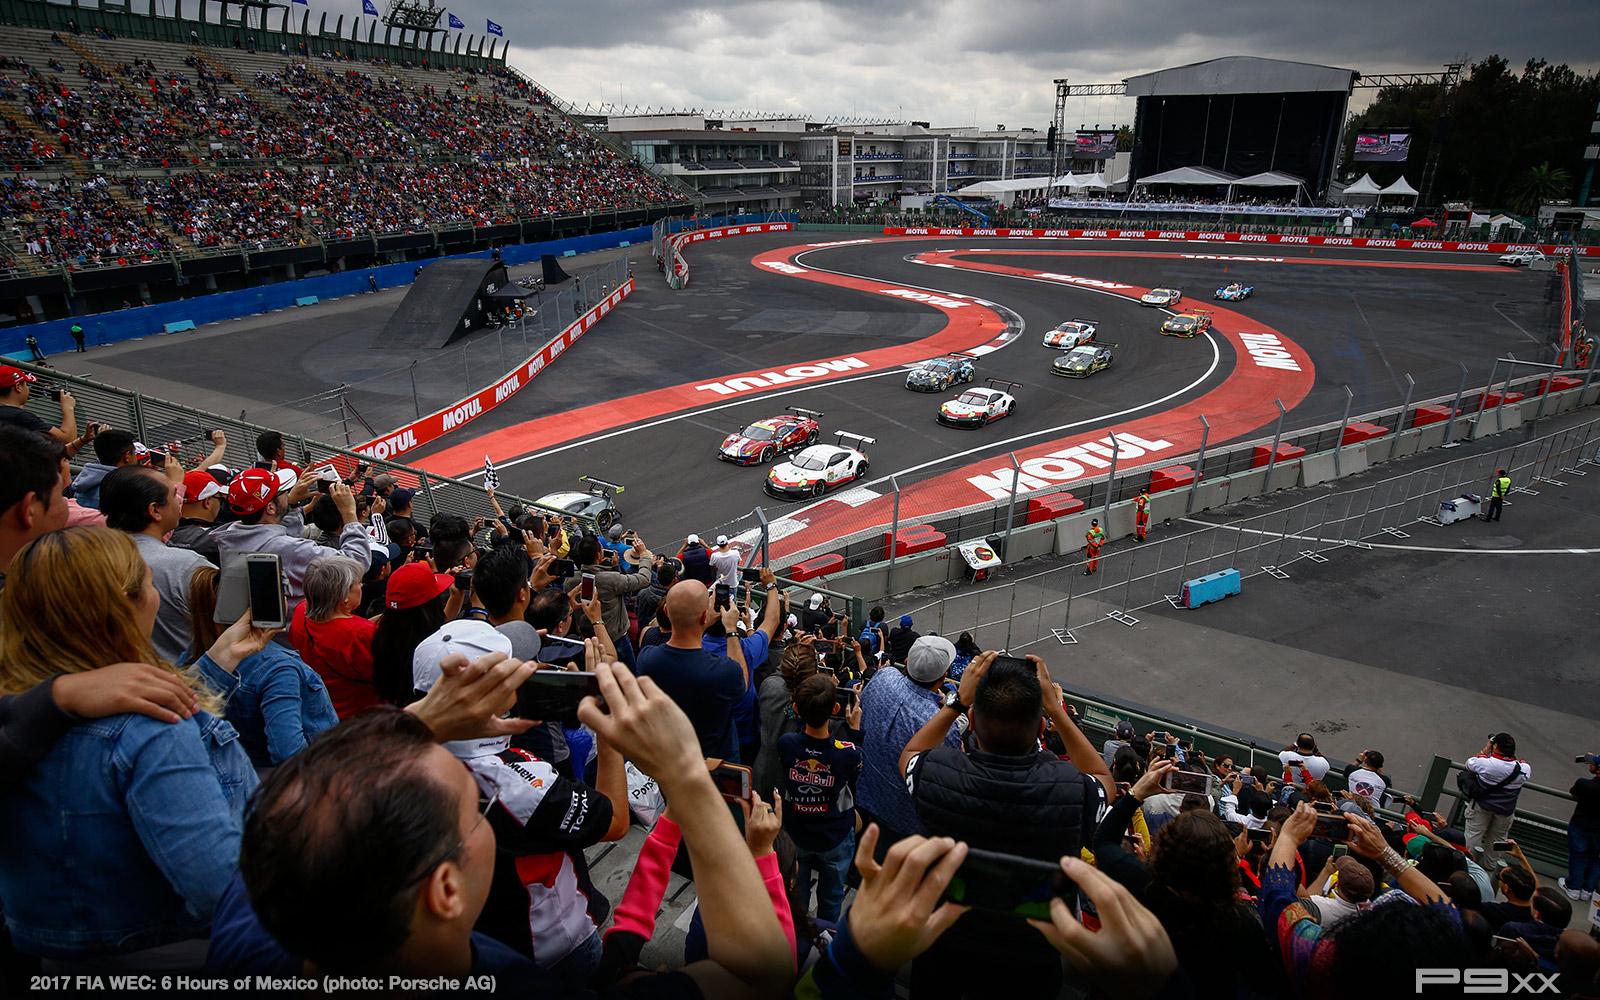 2017-FIA-WEC-6-HOURS-MEXICO-PORSCHE-1356